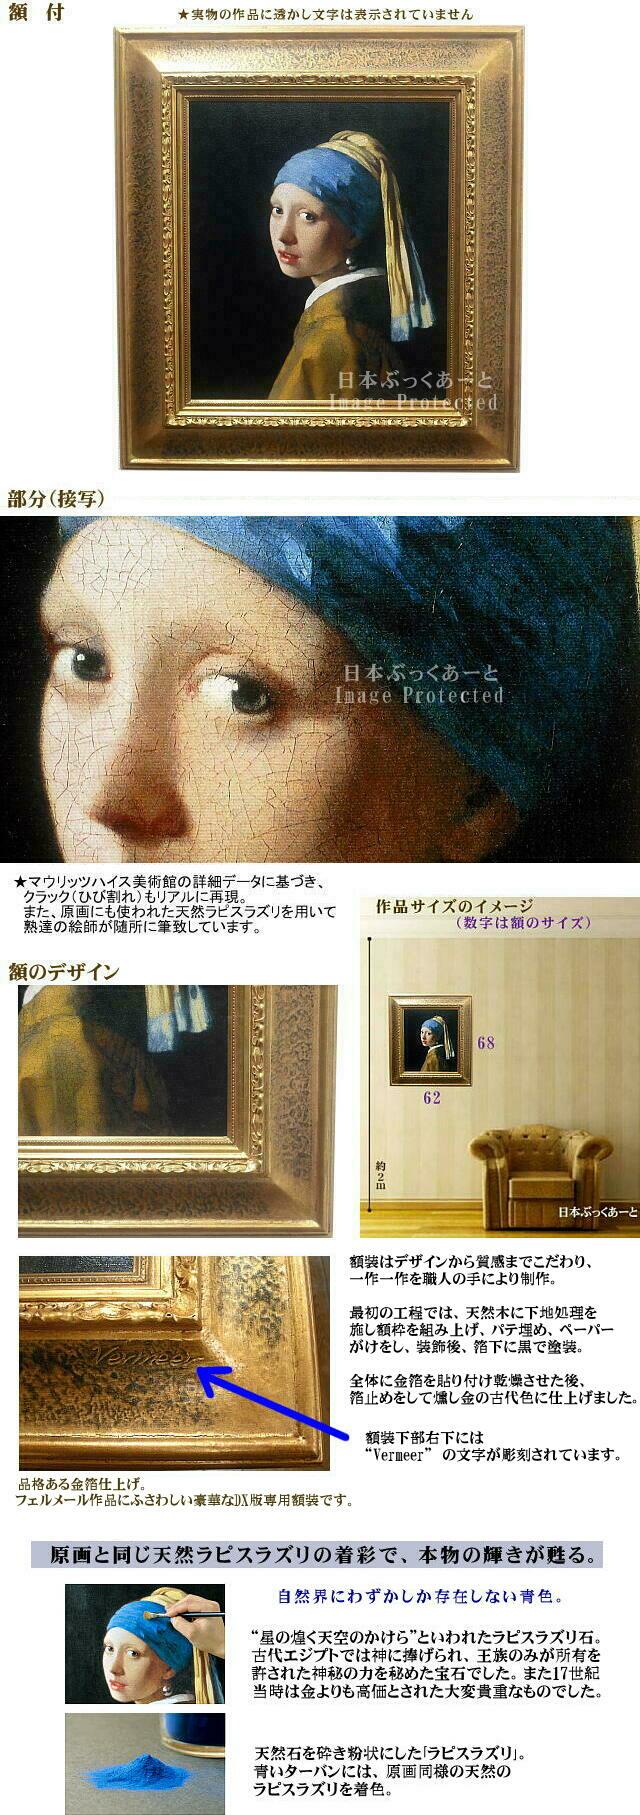 フェルメール 真珠の耳飾りの少女 複製画 青いターバンの少女 マウリッツハイス美術館承認 (ヨハネス・フェルメール)